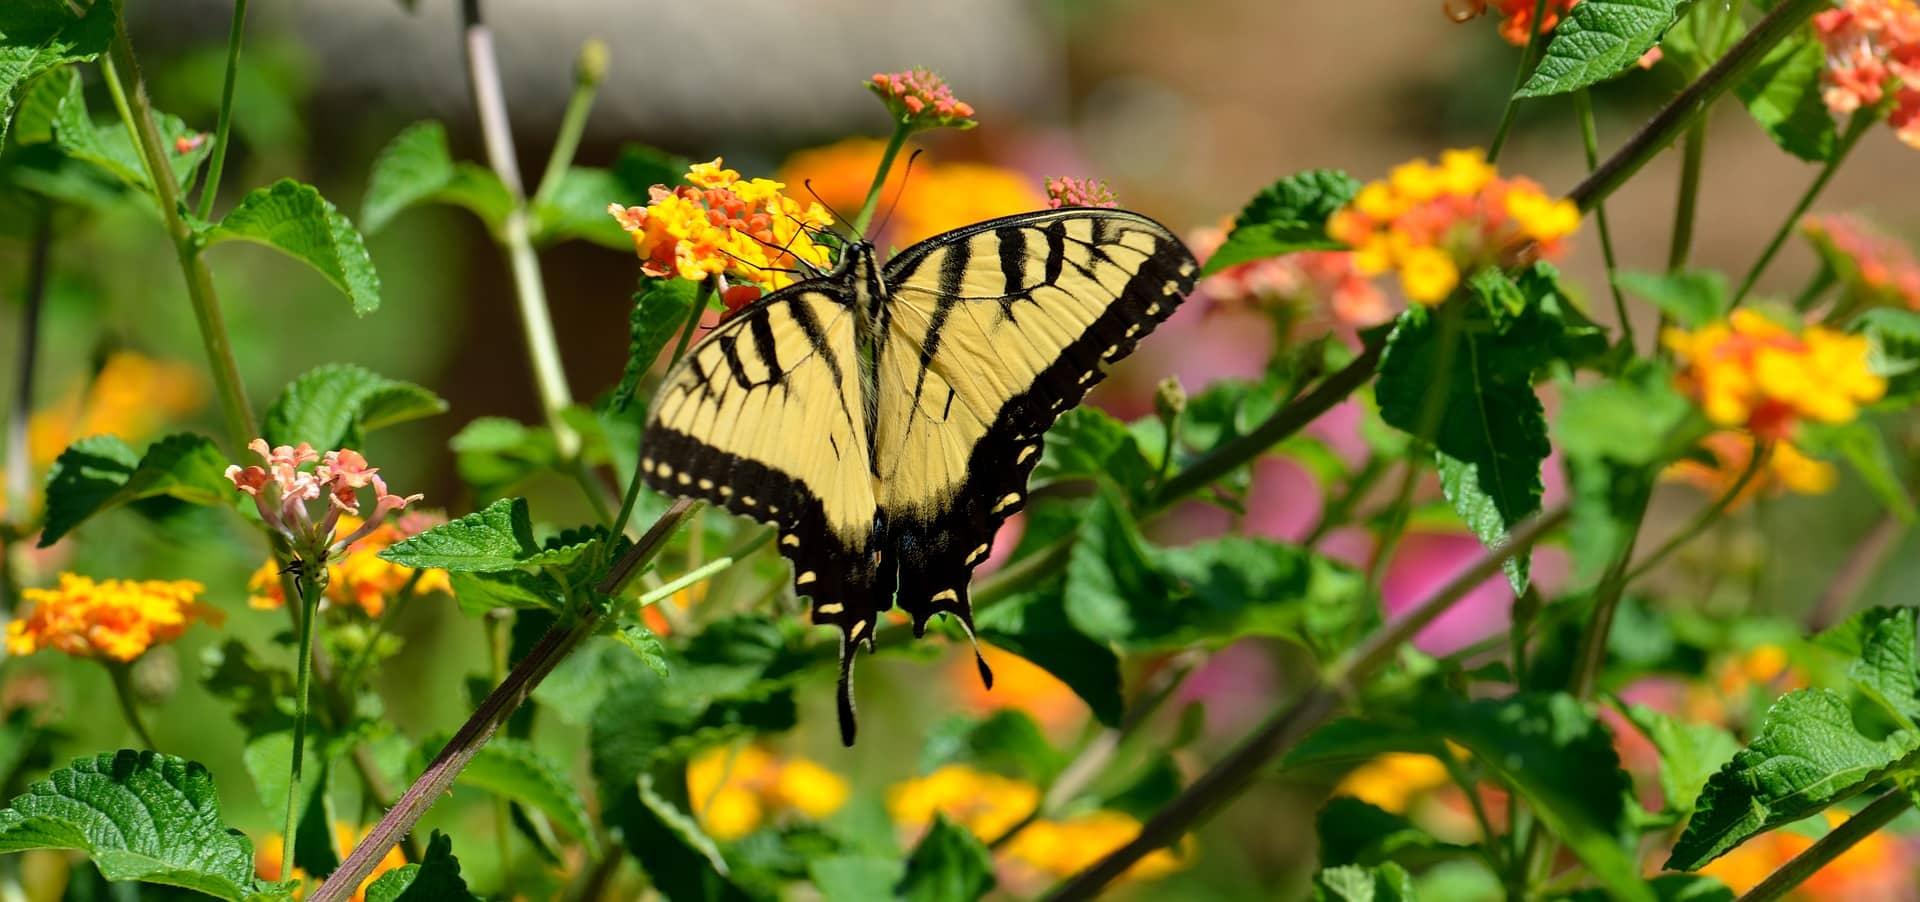 Butterfly 3038896 1920